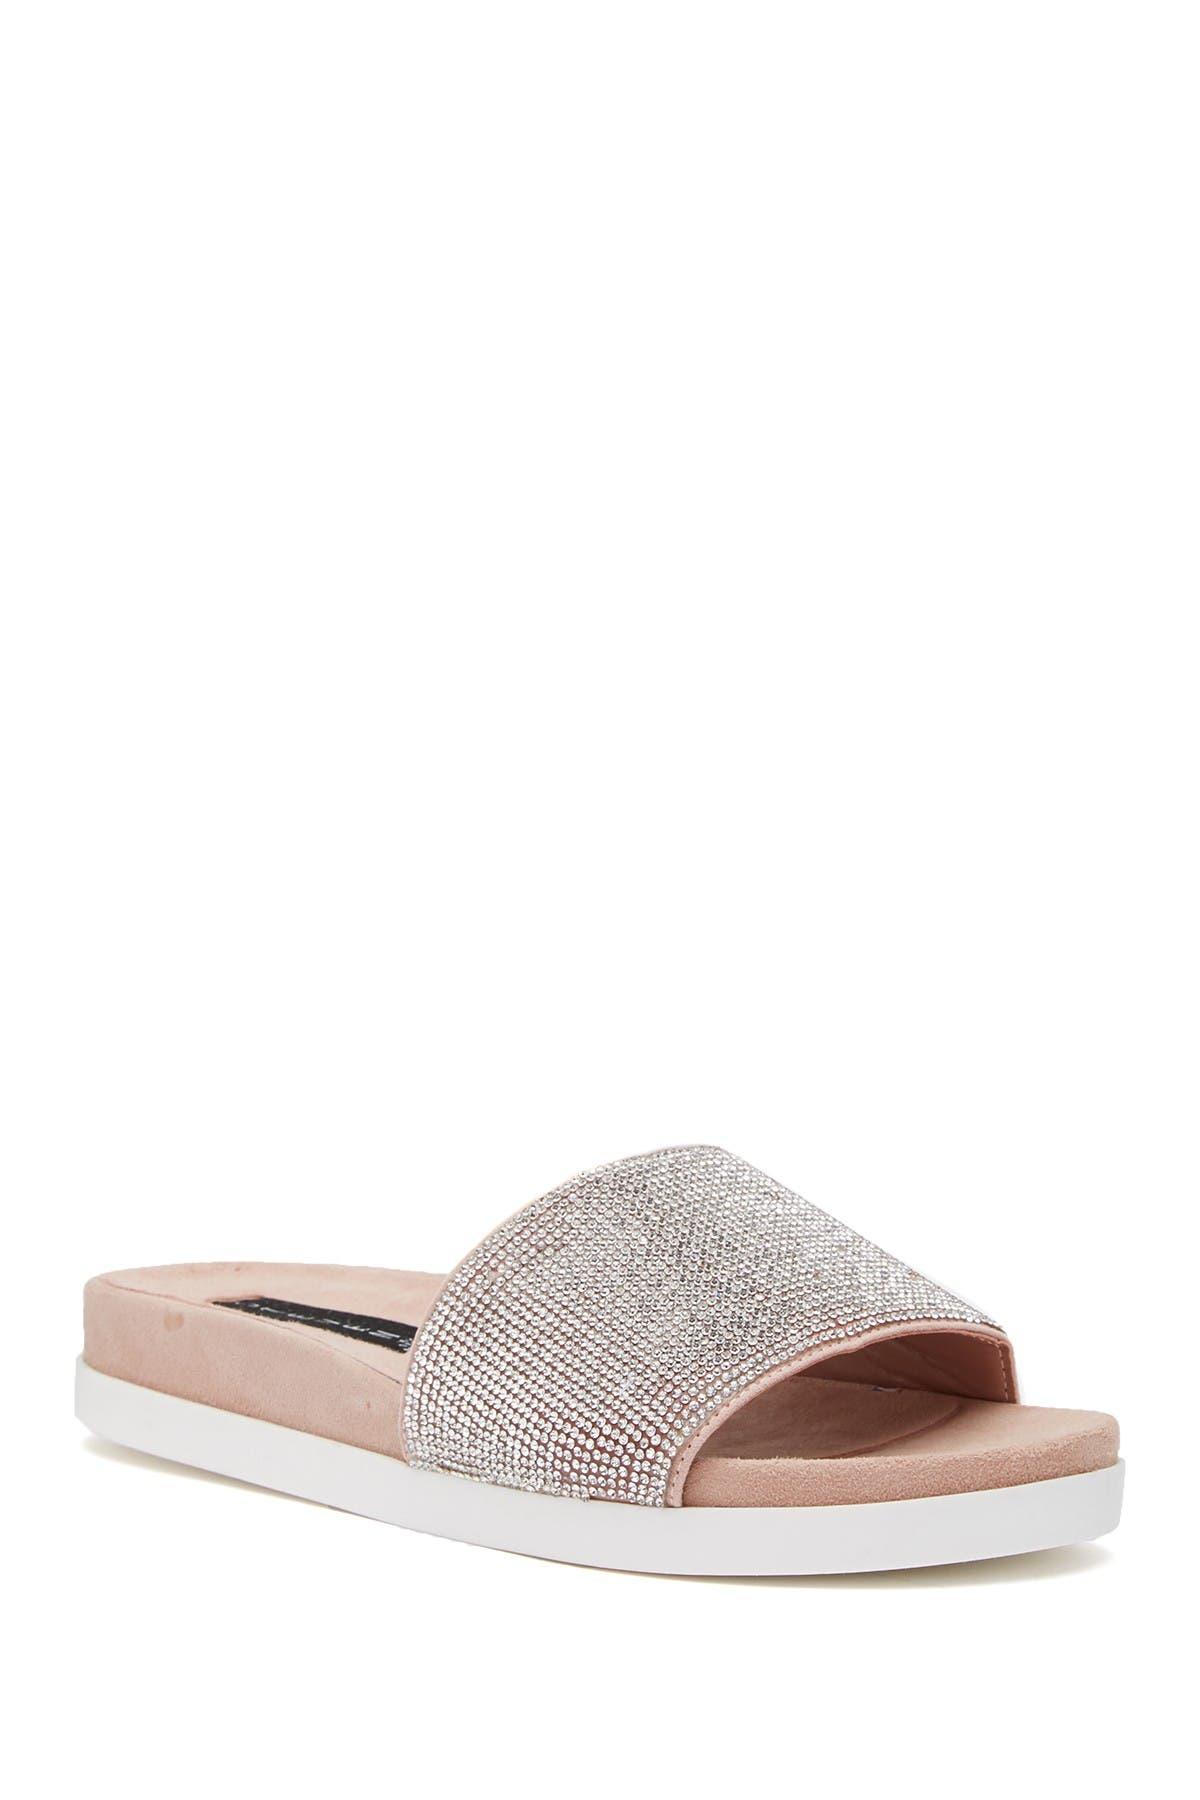 Image of Steven Sisley Embellished Slide Sandal